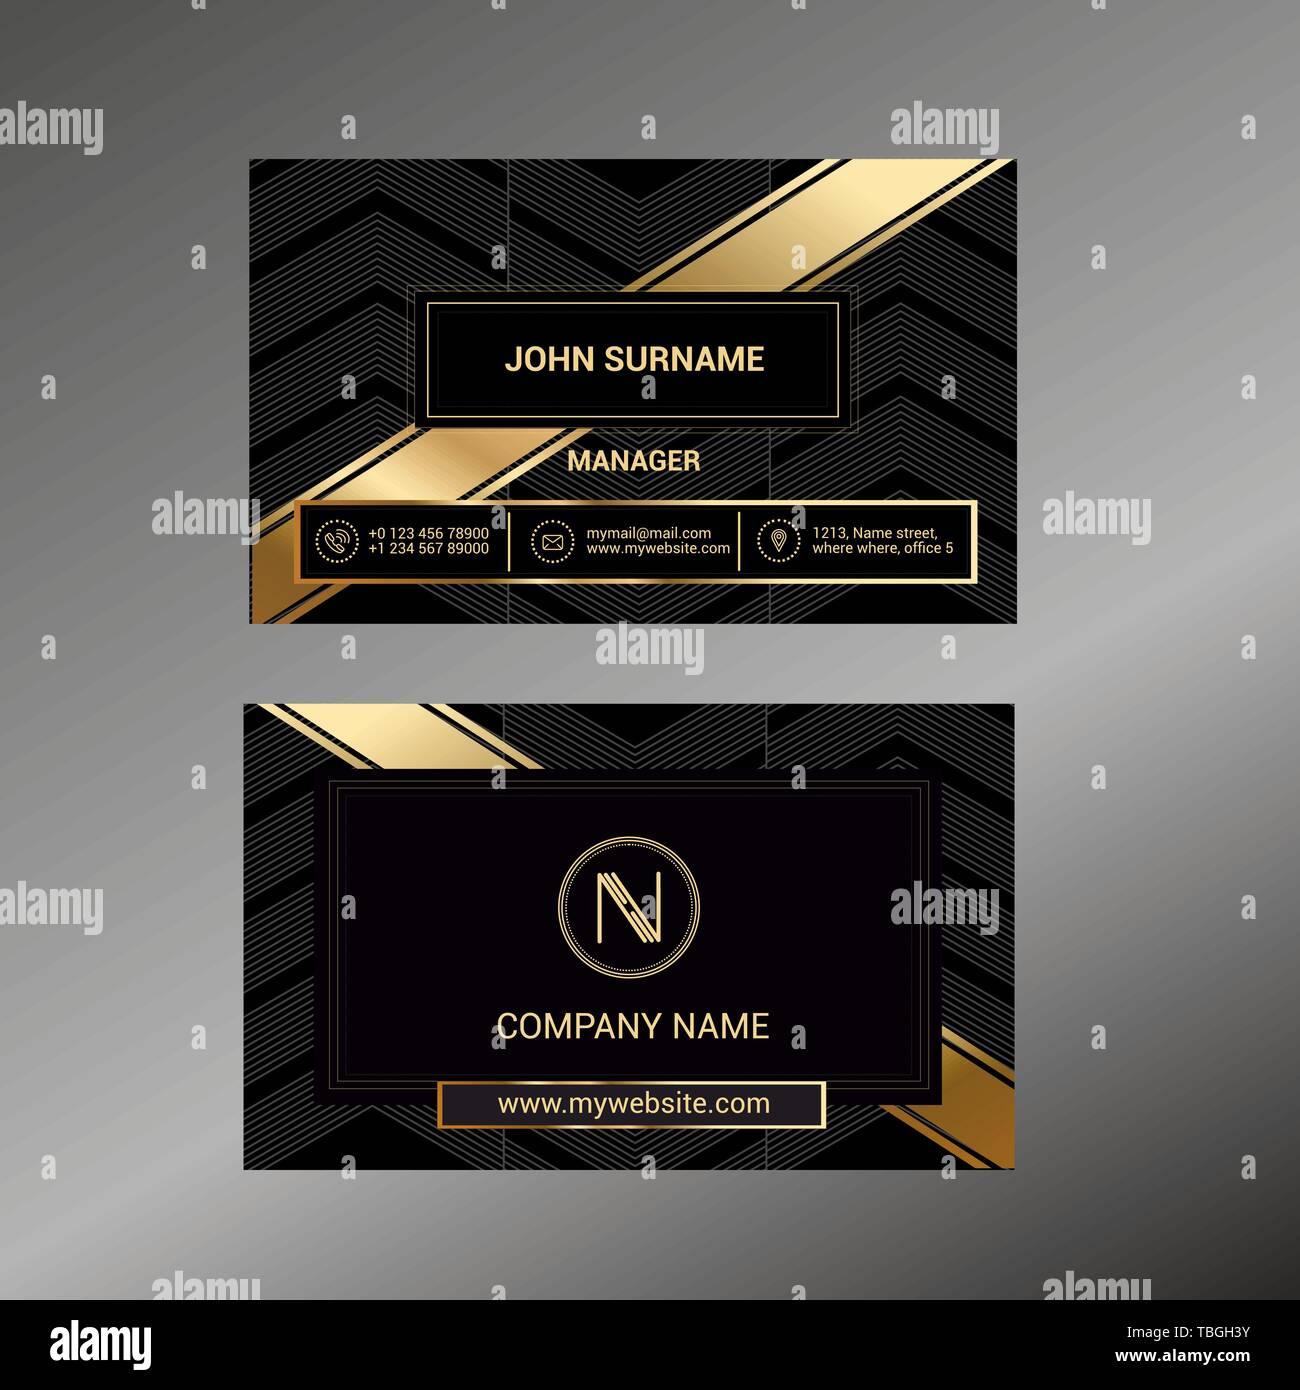 Visitenkarte Vorlage Mit Schwarz Deluxe Hintergrund Vektor